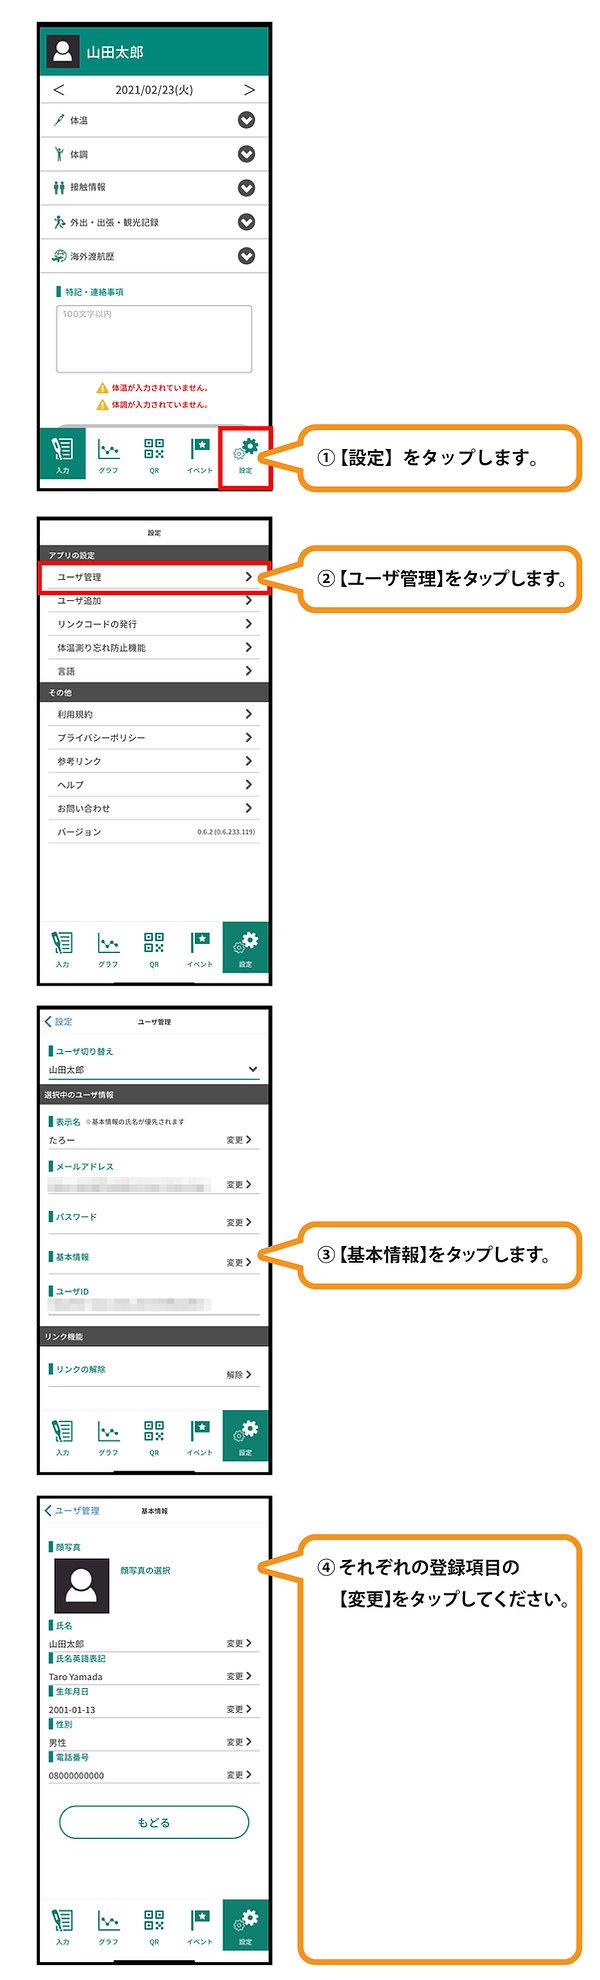 10_基本情報1.jpg